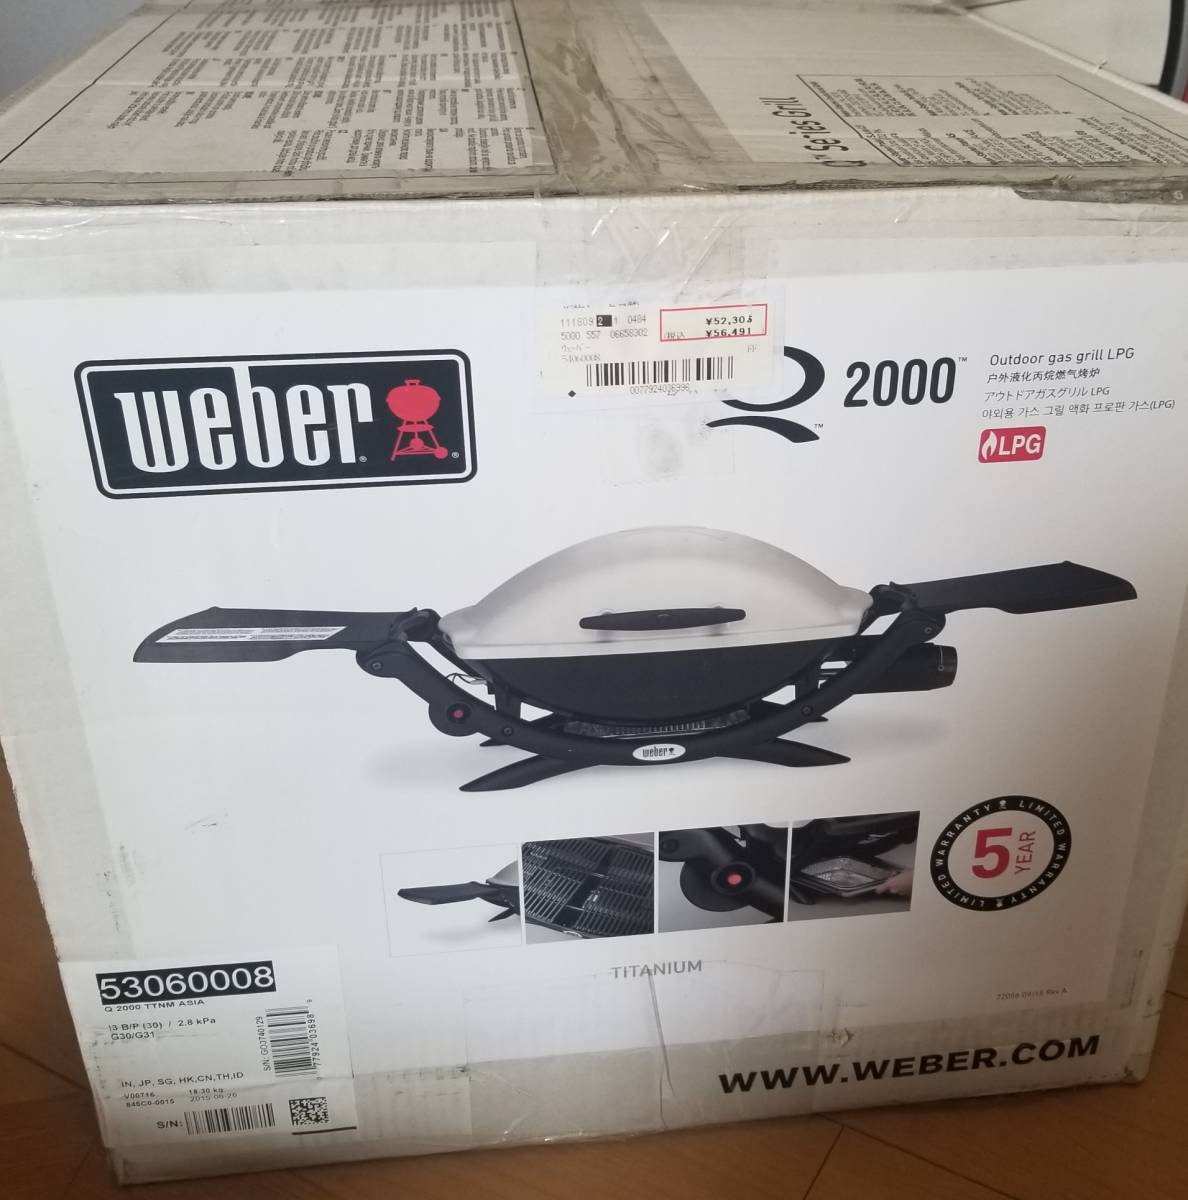 ウェーバー(Weber) バーベキュー コンロ BBQ グリル Q2000 ガス